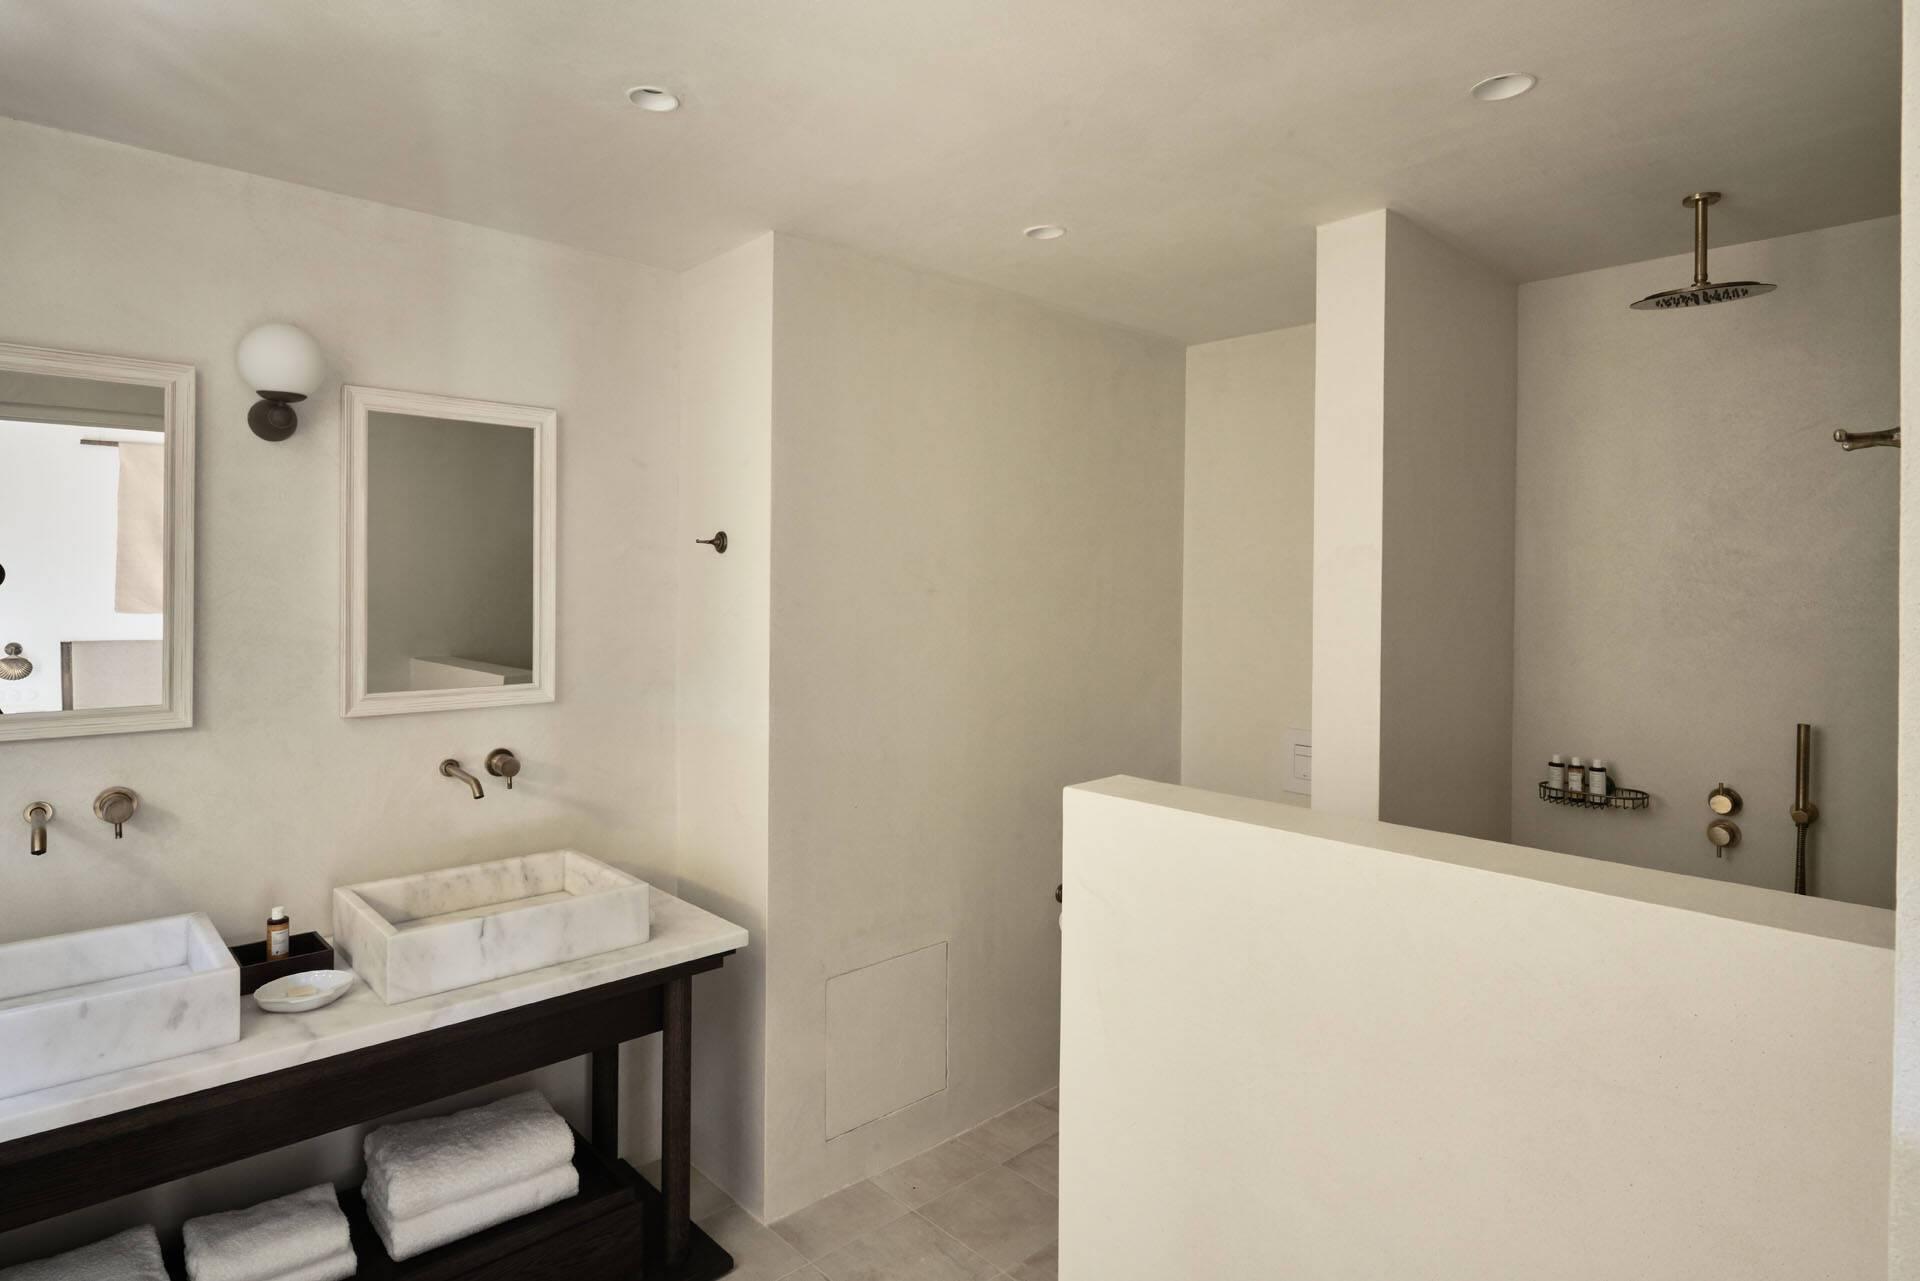 Sejour grece paros parilio aurora suite salle de bain